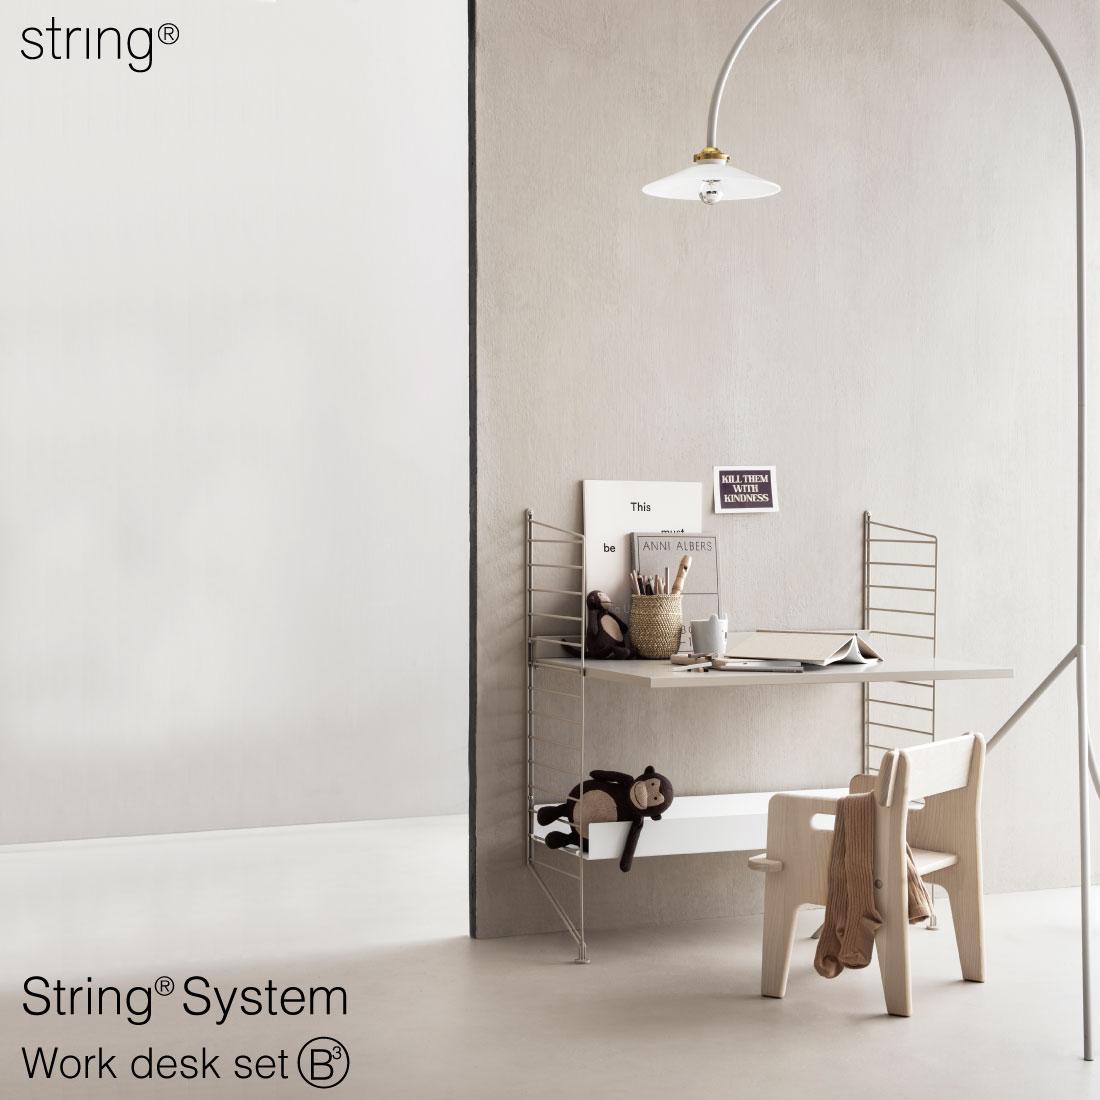 【String/ストリング】String System ワークデスクセットB-3/ストリングシステム/カイサ・ストリニング/ニルス・ストリニング/デスク/机/シェルフ/棚/ワーク/仕事/収納/本棚